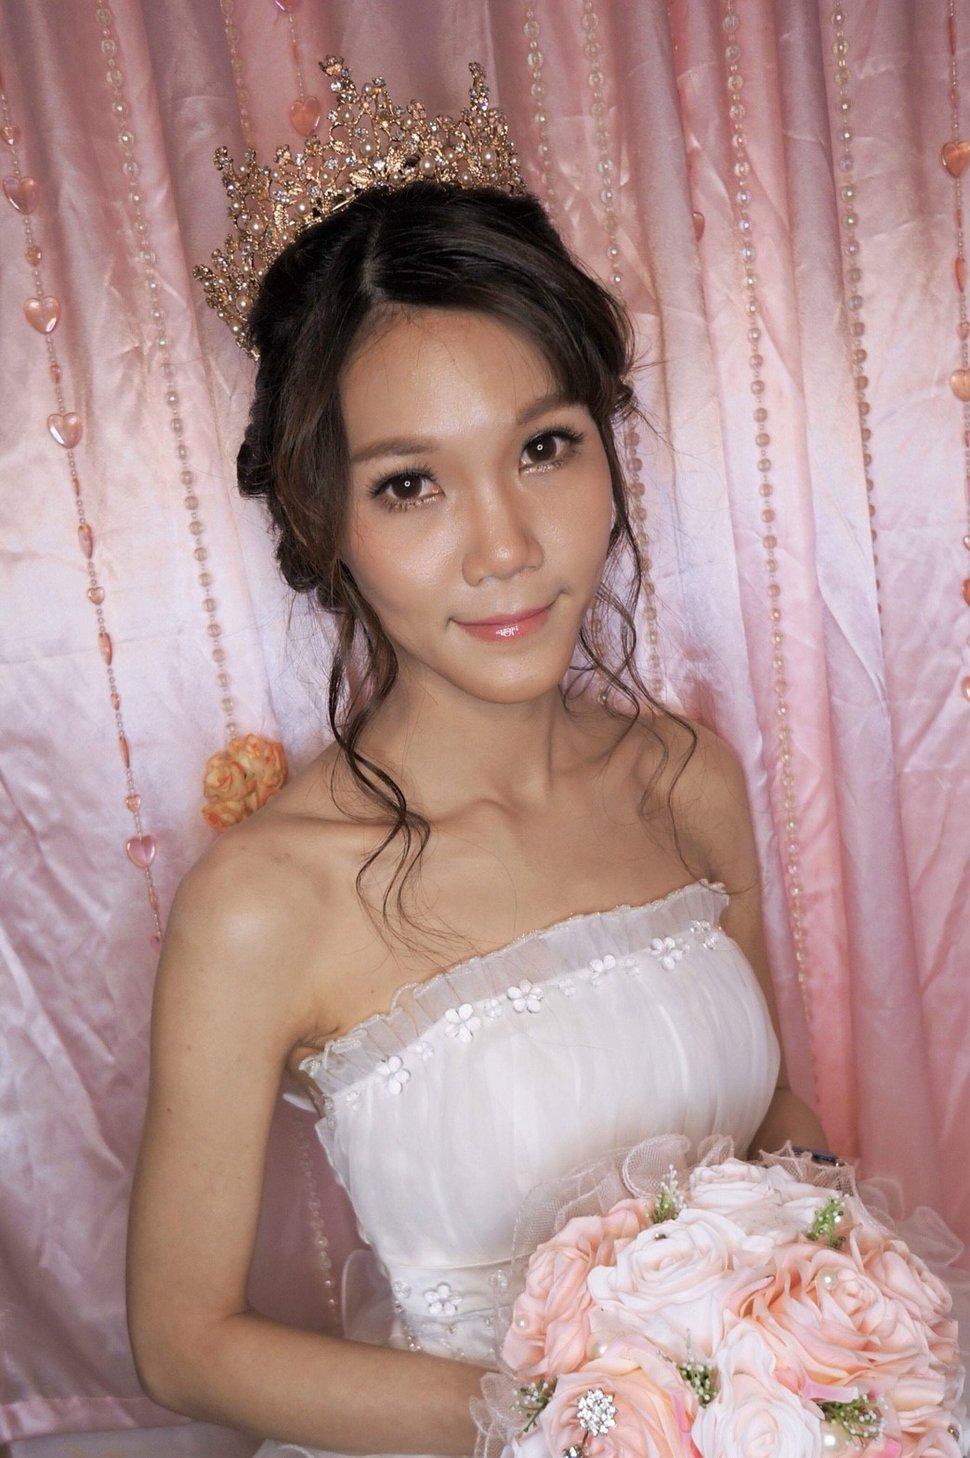 閒閒_180722_0010 - 全台最便宜-45DESIGN四五婚紗禮服《結婚吧》